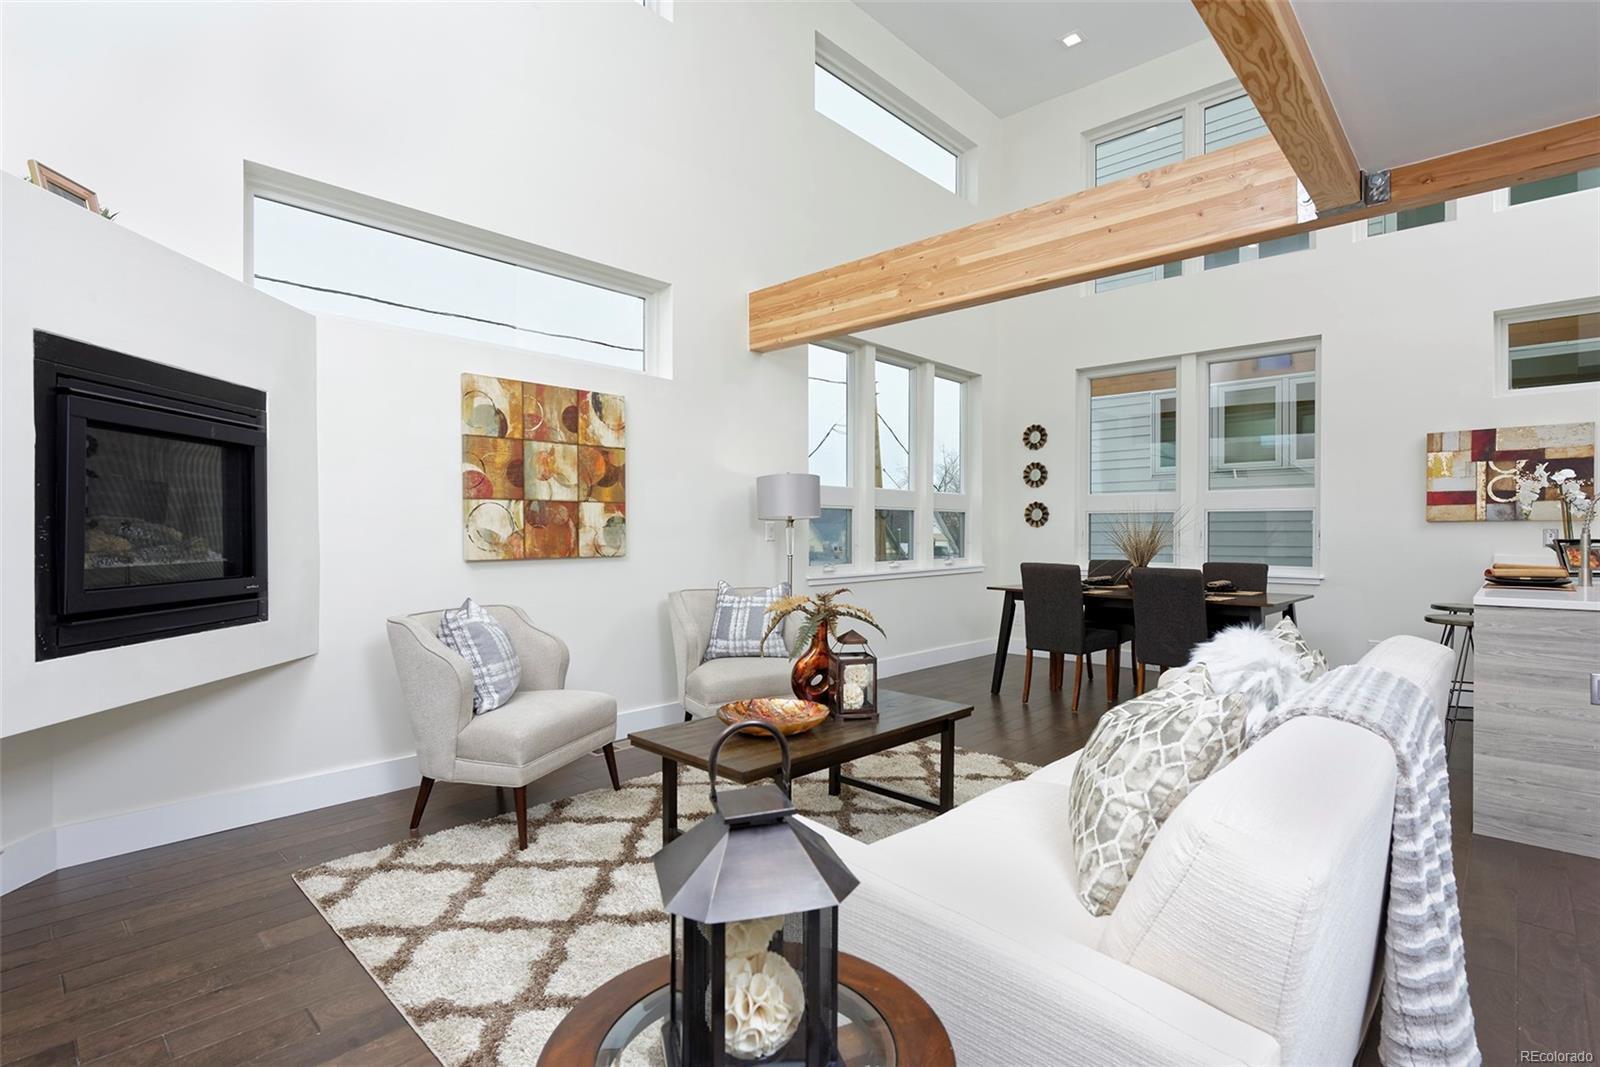 4190 Pecos St, Denver, CO 80211 - Estimate and Home Details | Trulia